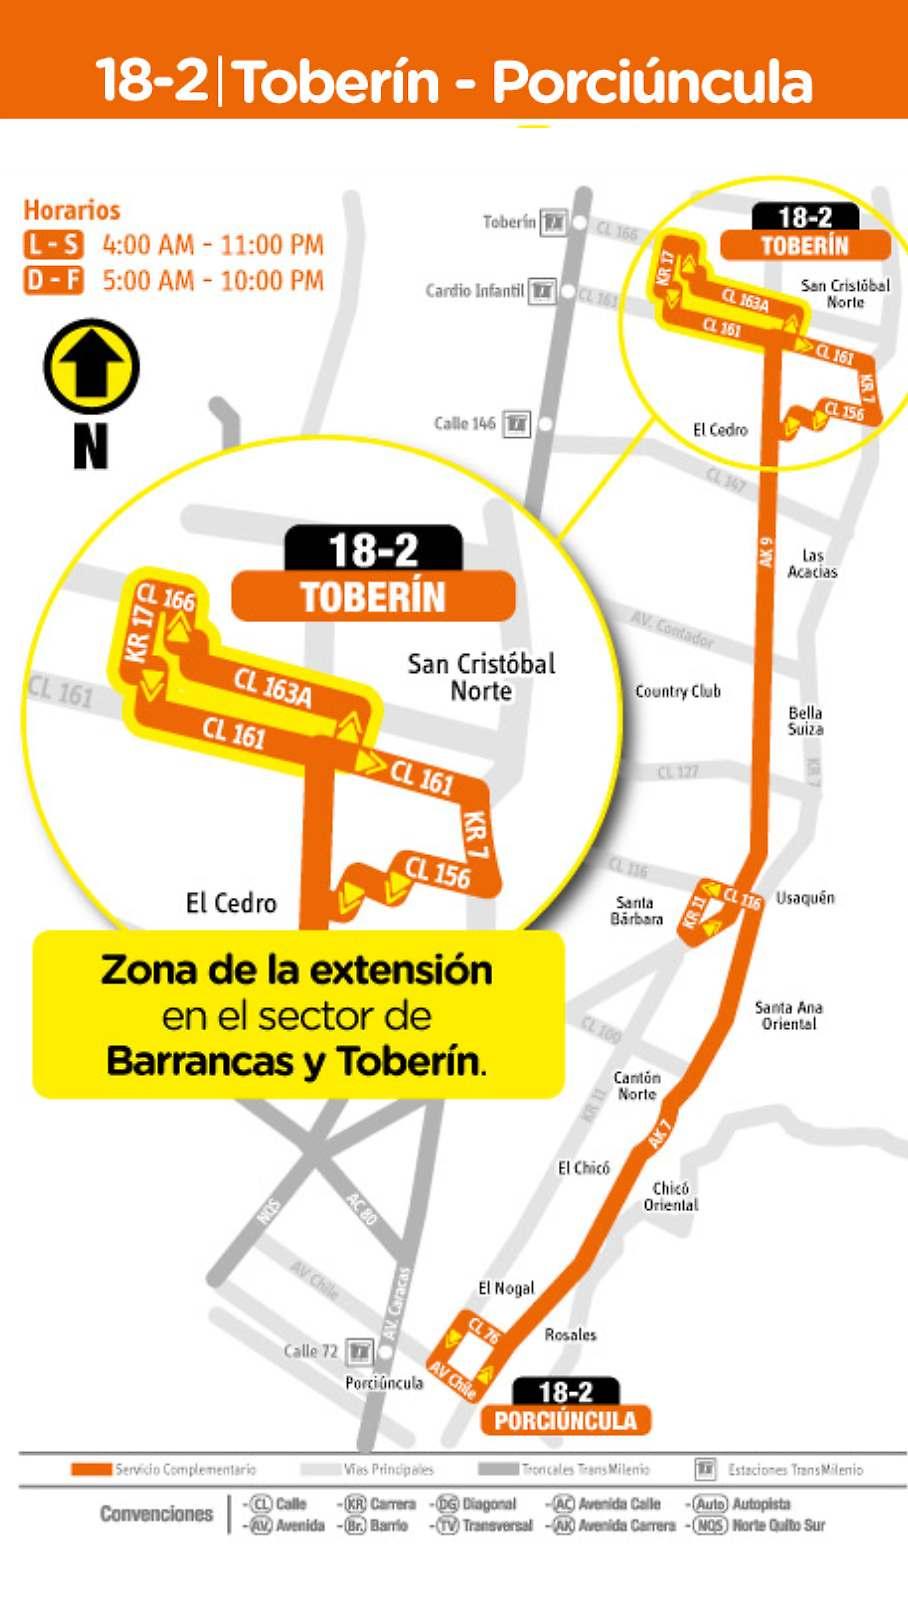 Ruta SITP: 18-2 Toberín ↔ Porciúncula (mapa)